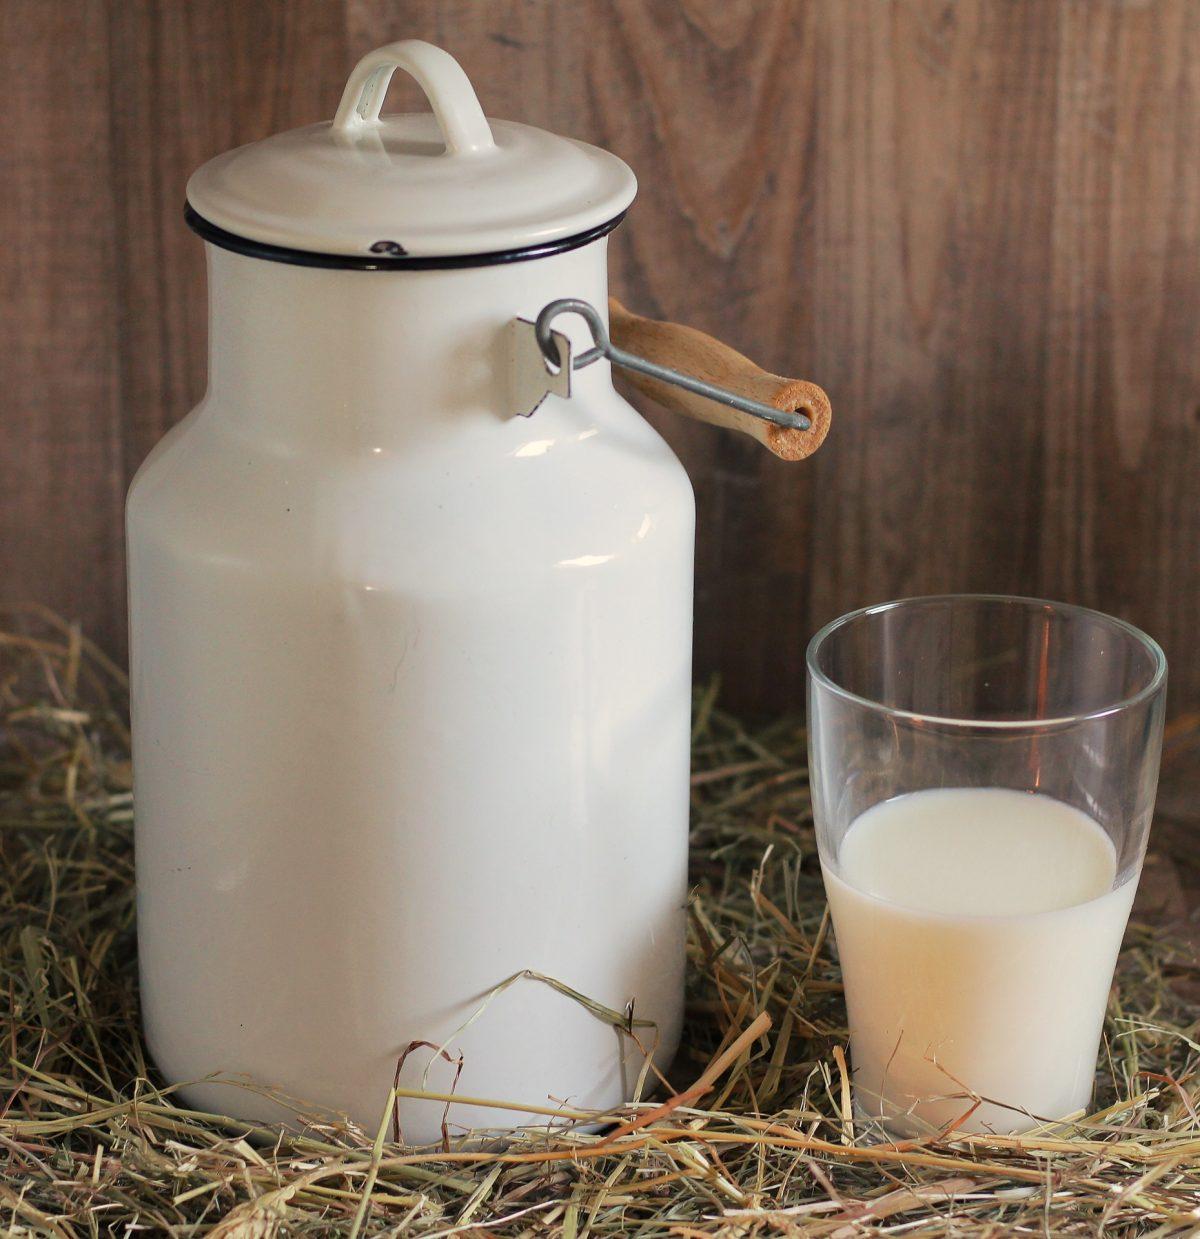 Laktoz içeren gıda maddeleri